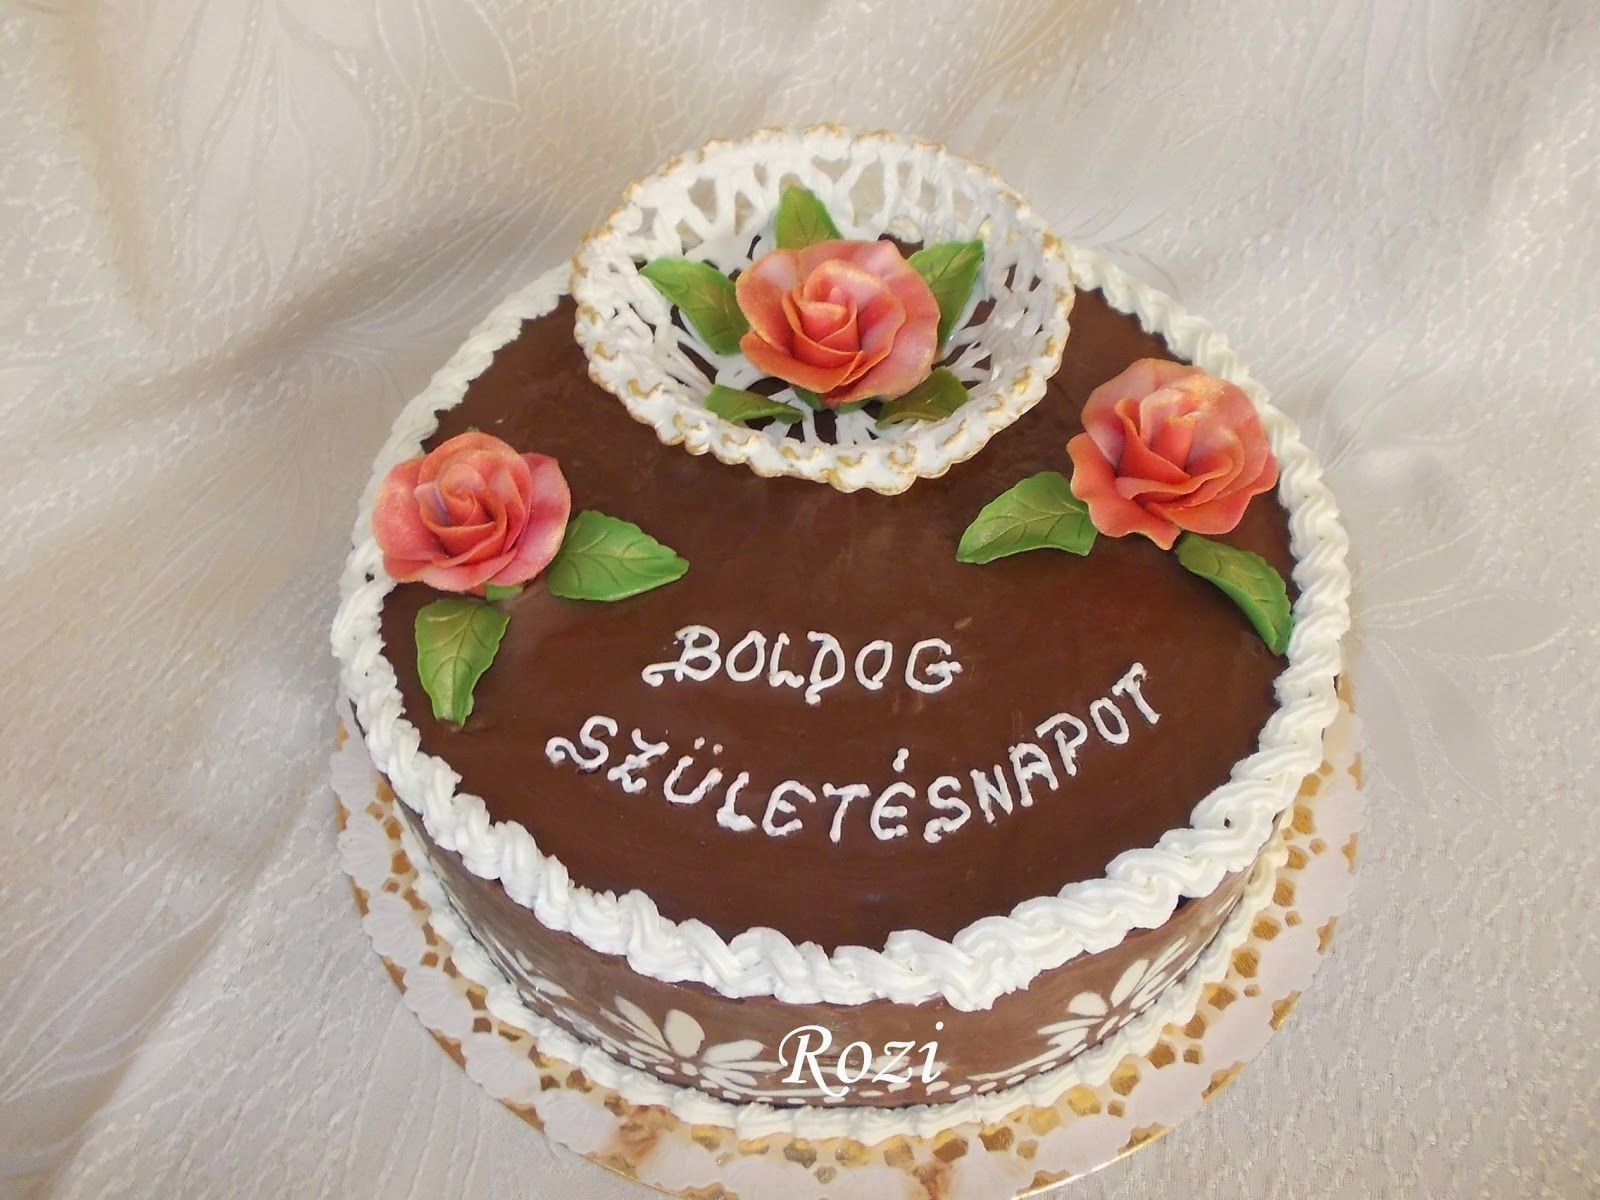 születésnapi torta Rozi Erdélyi konyhája: Születésnapi torta | magyar alkalmi tortak  születésnapi torta